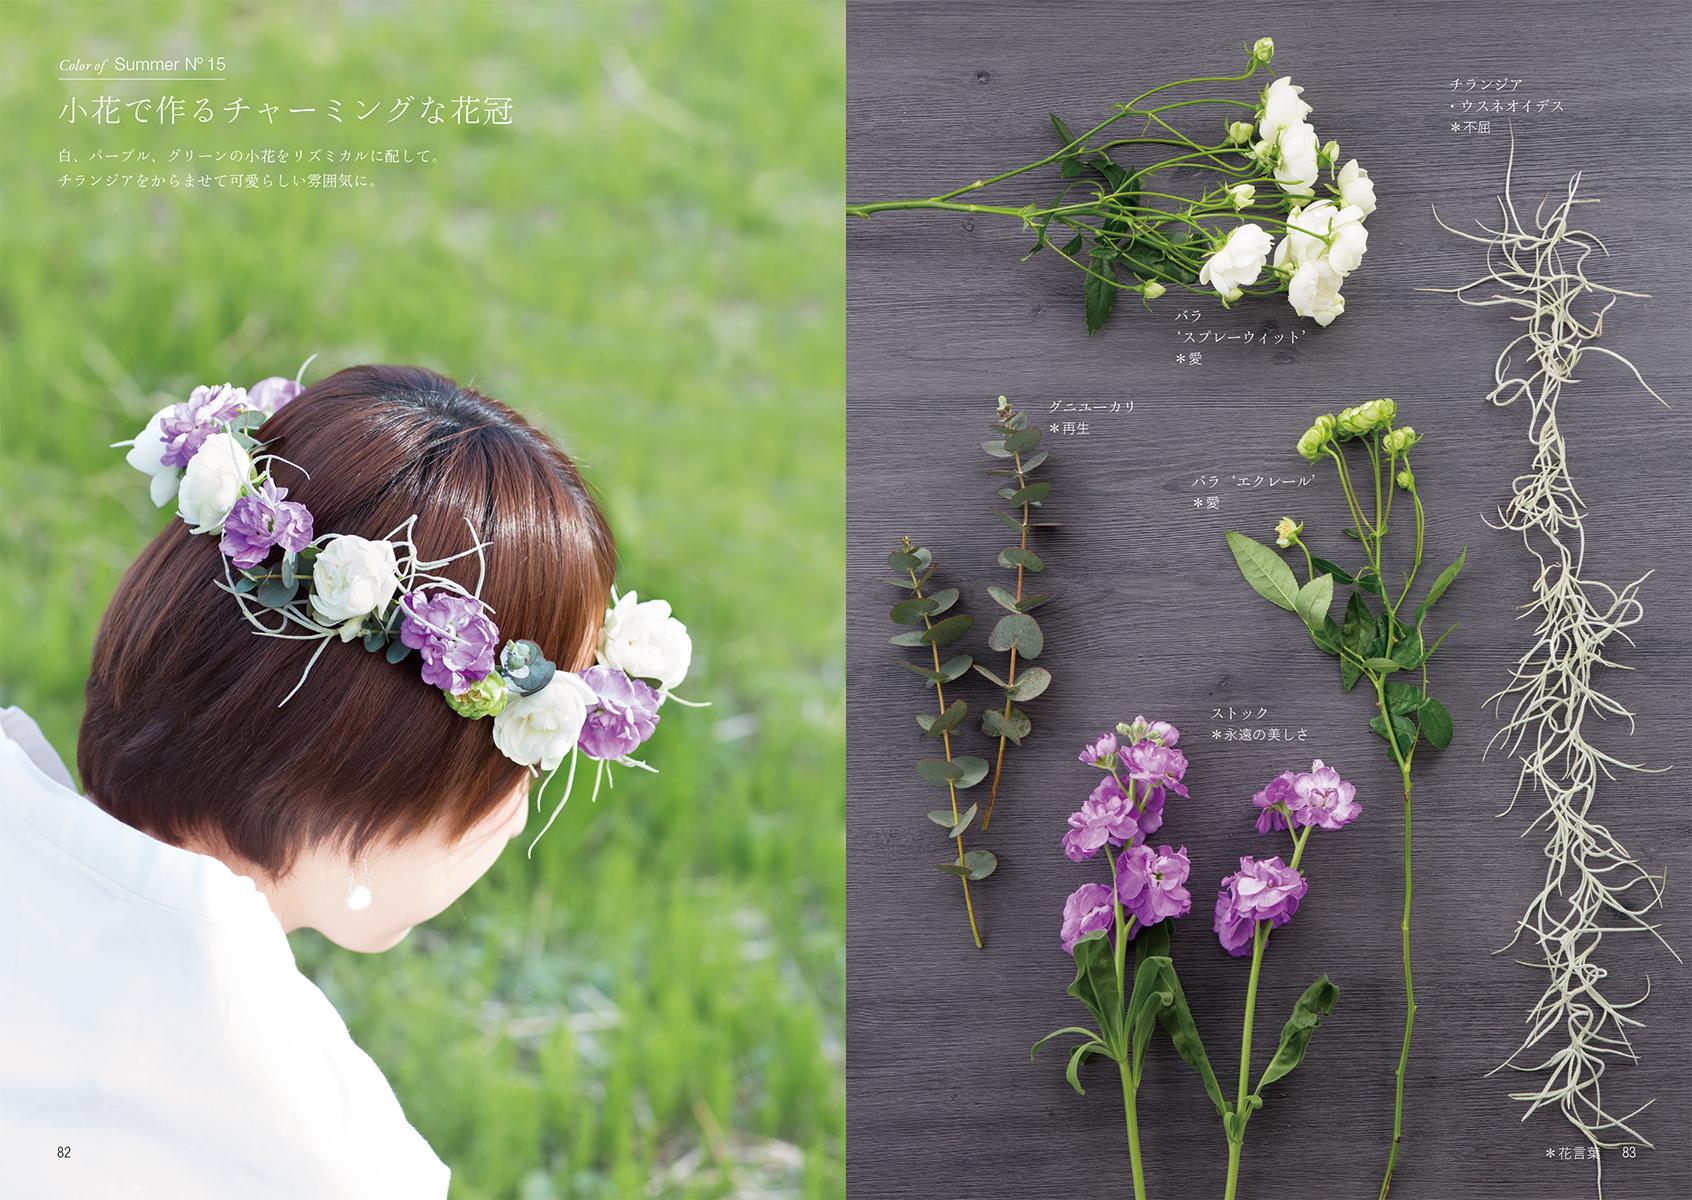 【送料無料】『小さな花飾りの本』 [書籍] - 画像3